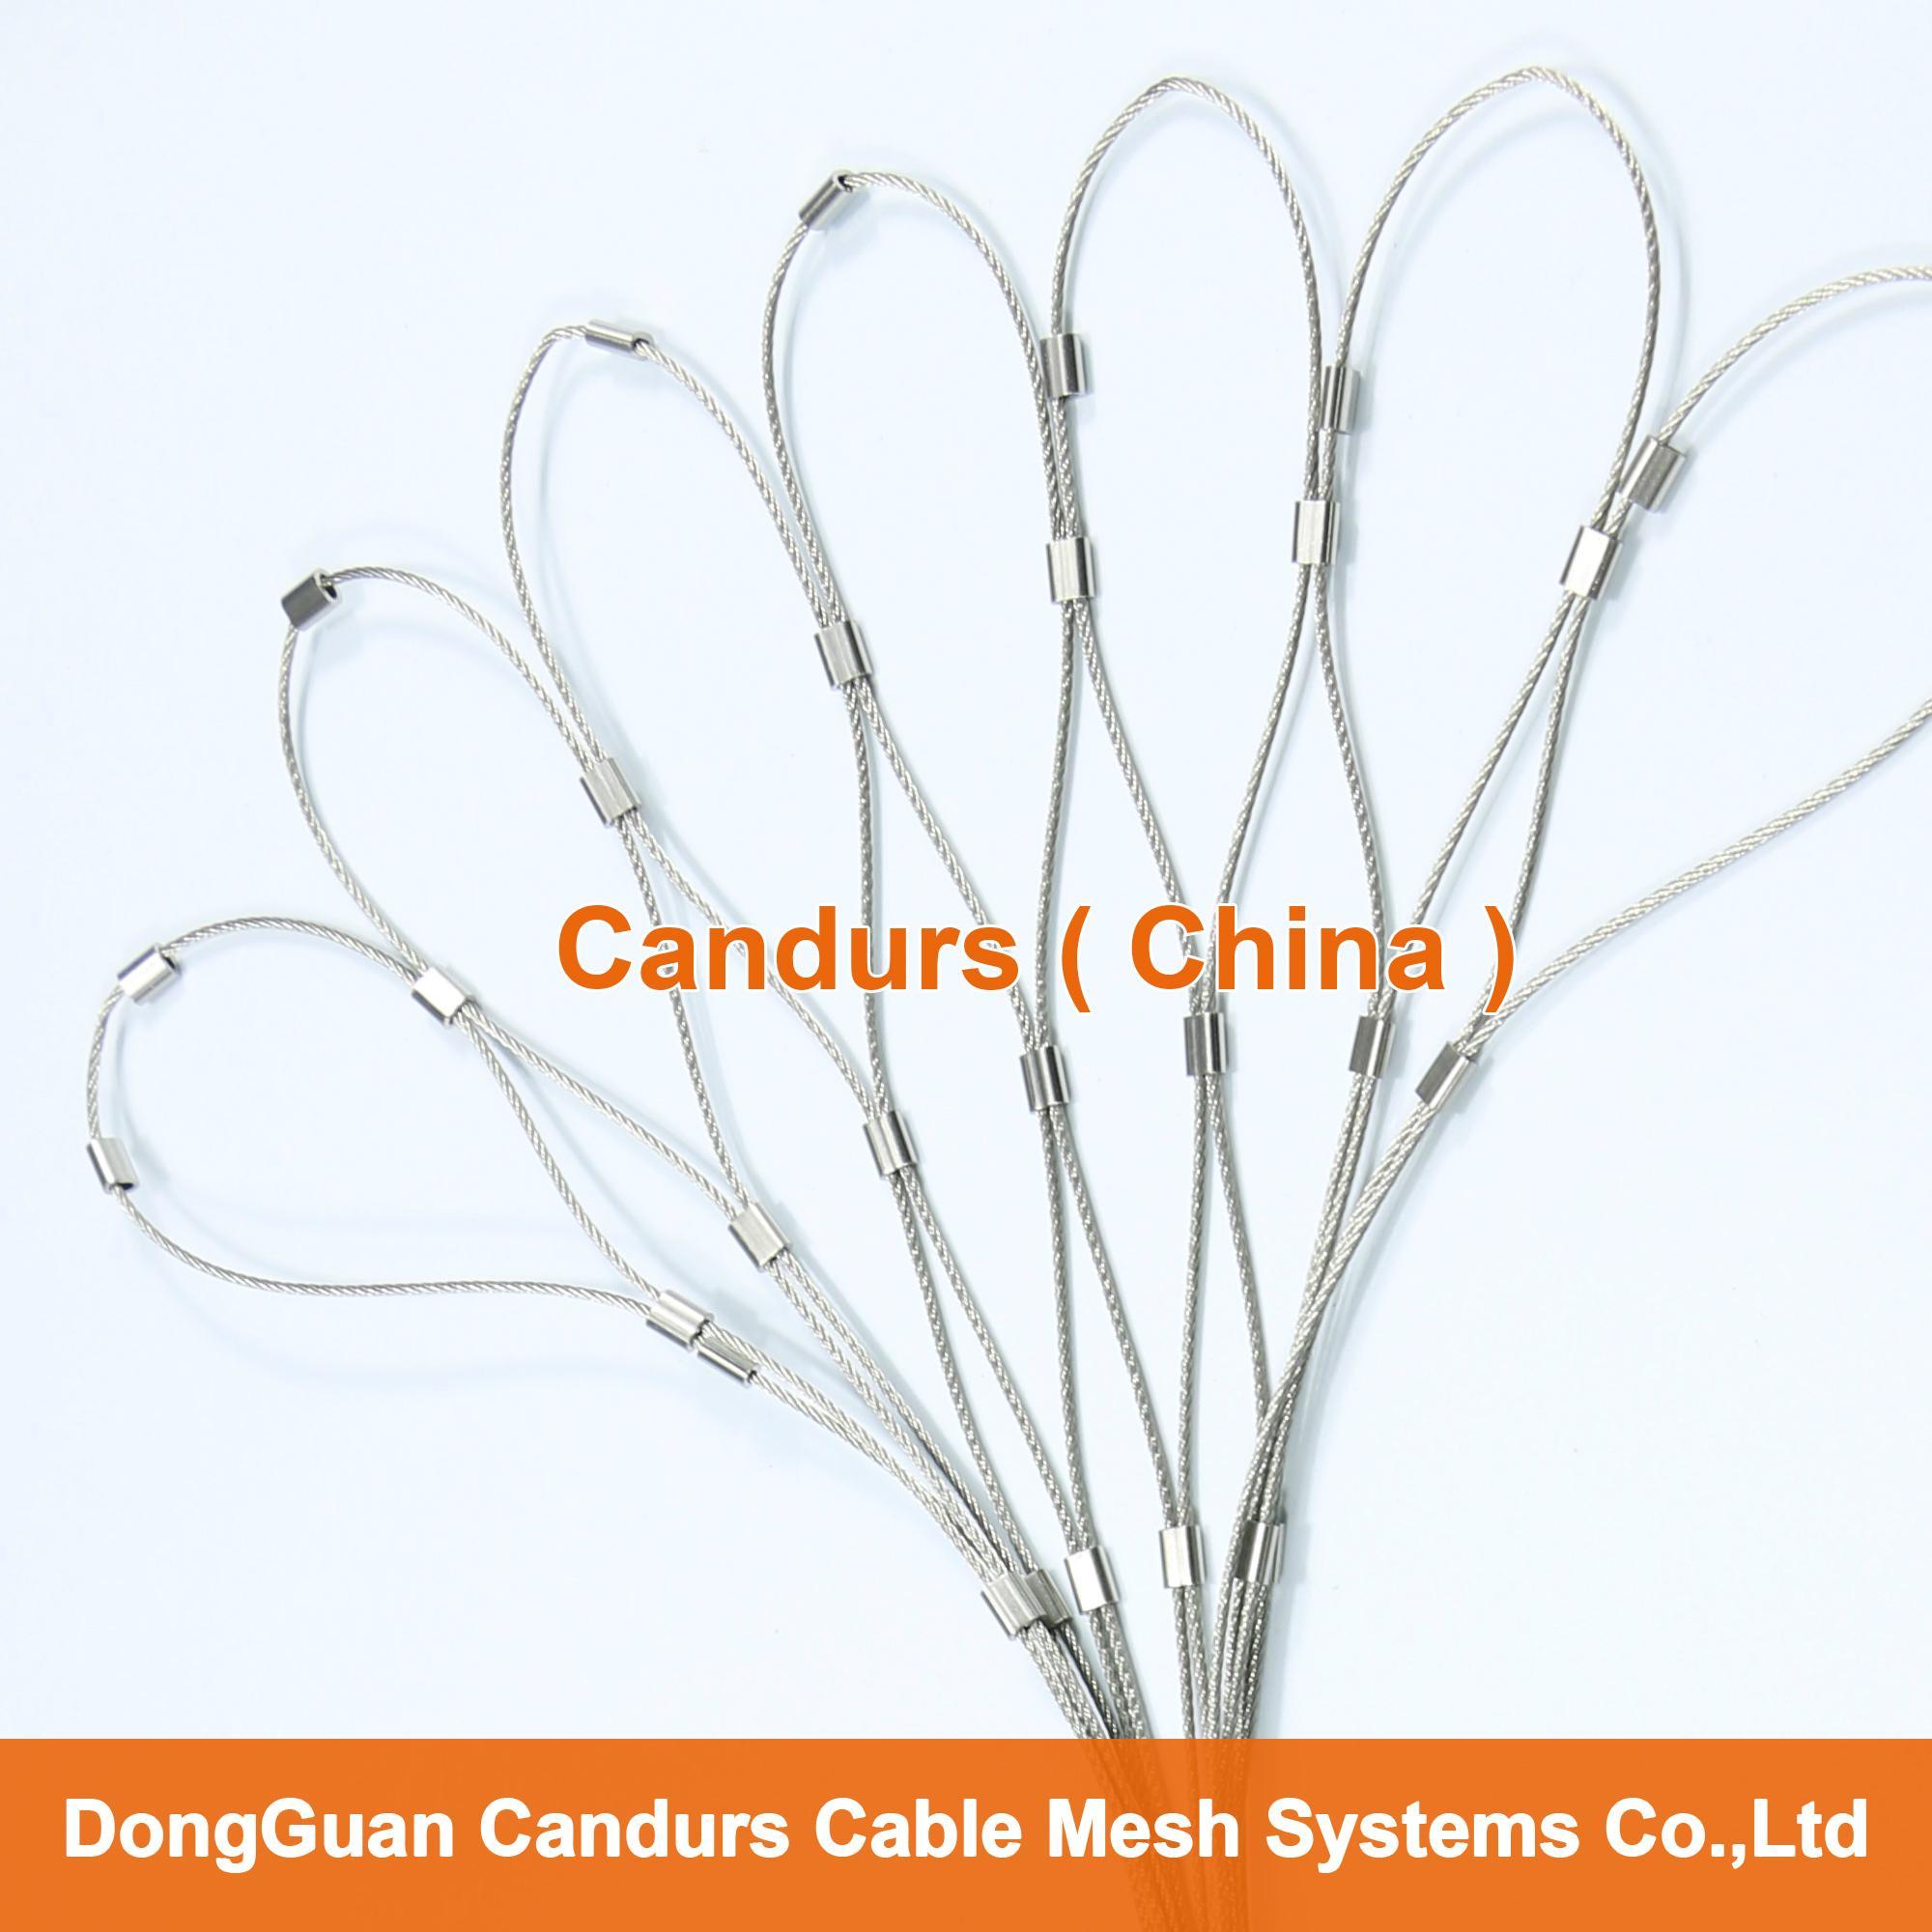 不锈钢绳建筑柔性防护网 11